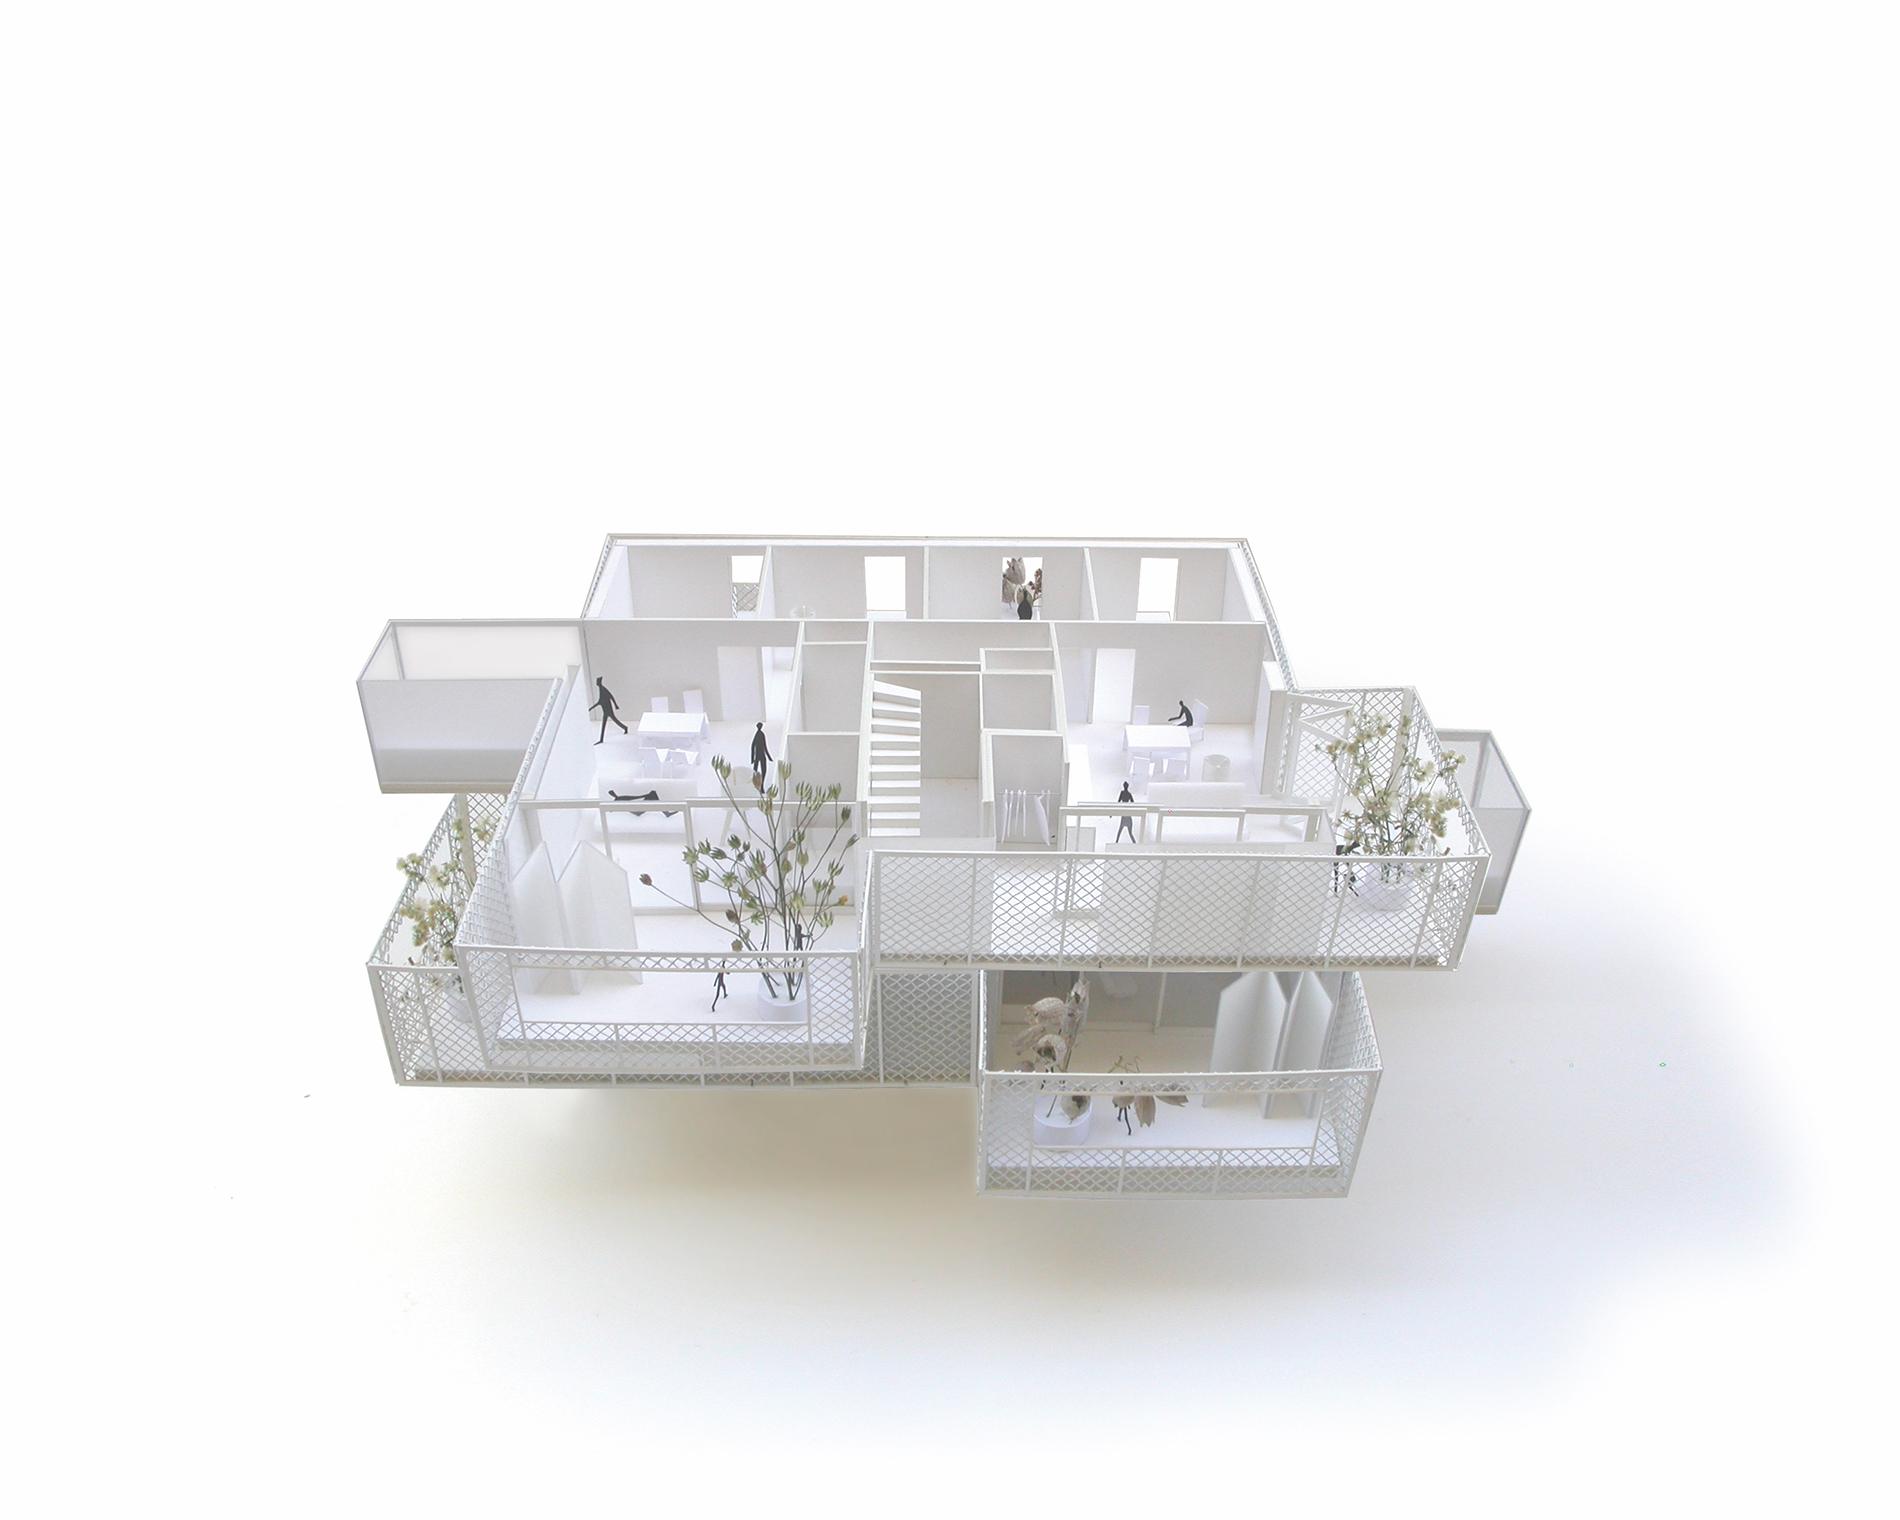 model image werkbundsiedlung